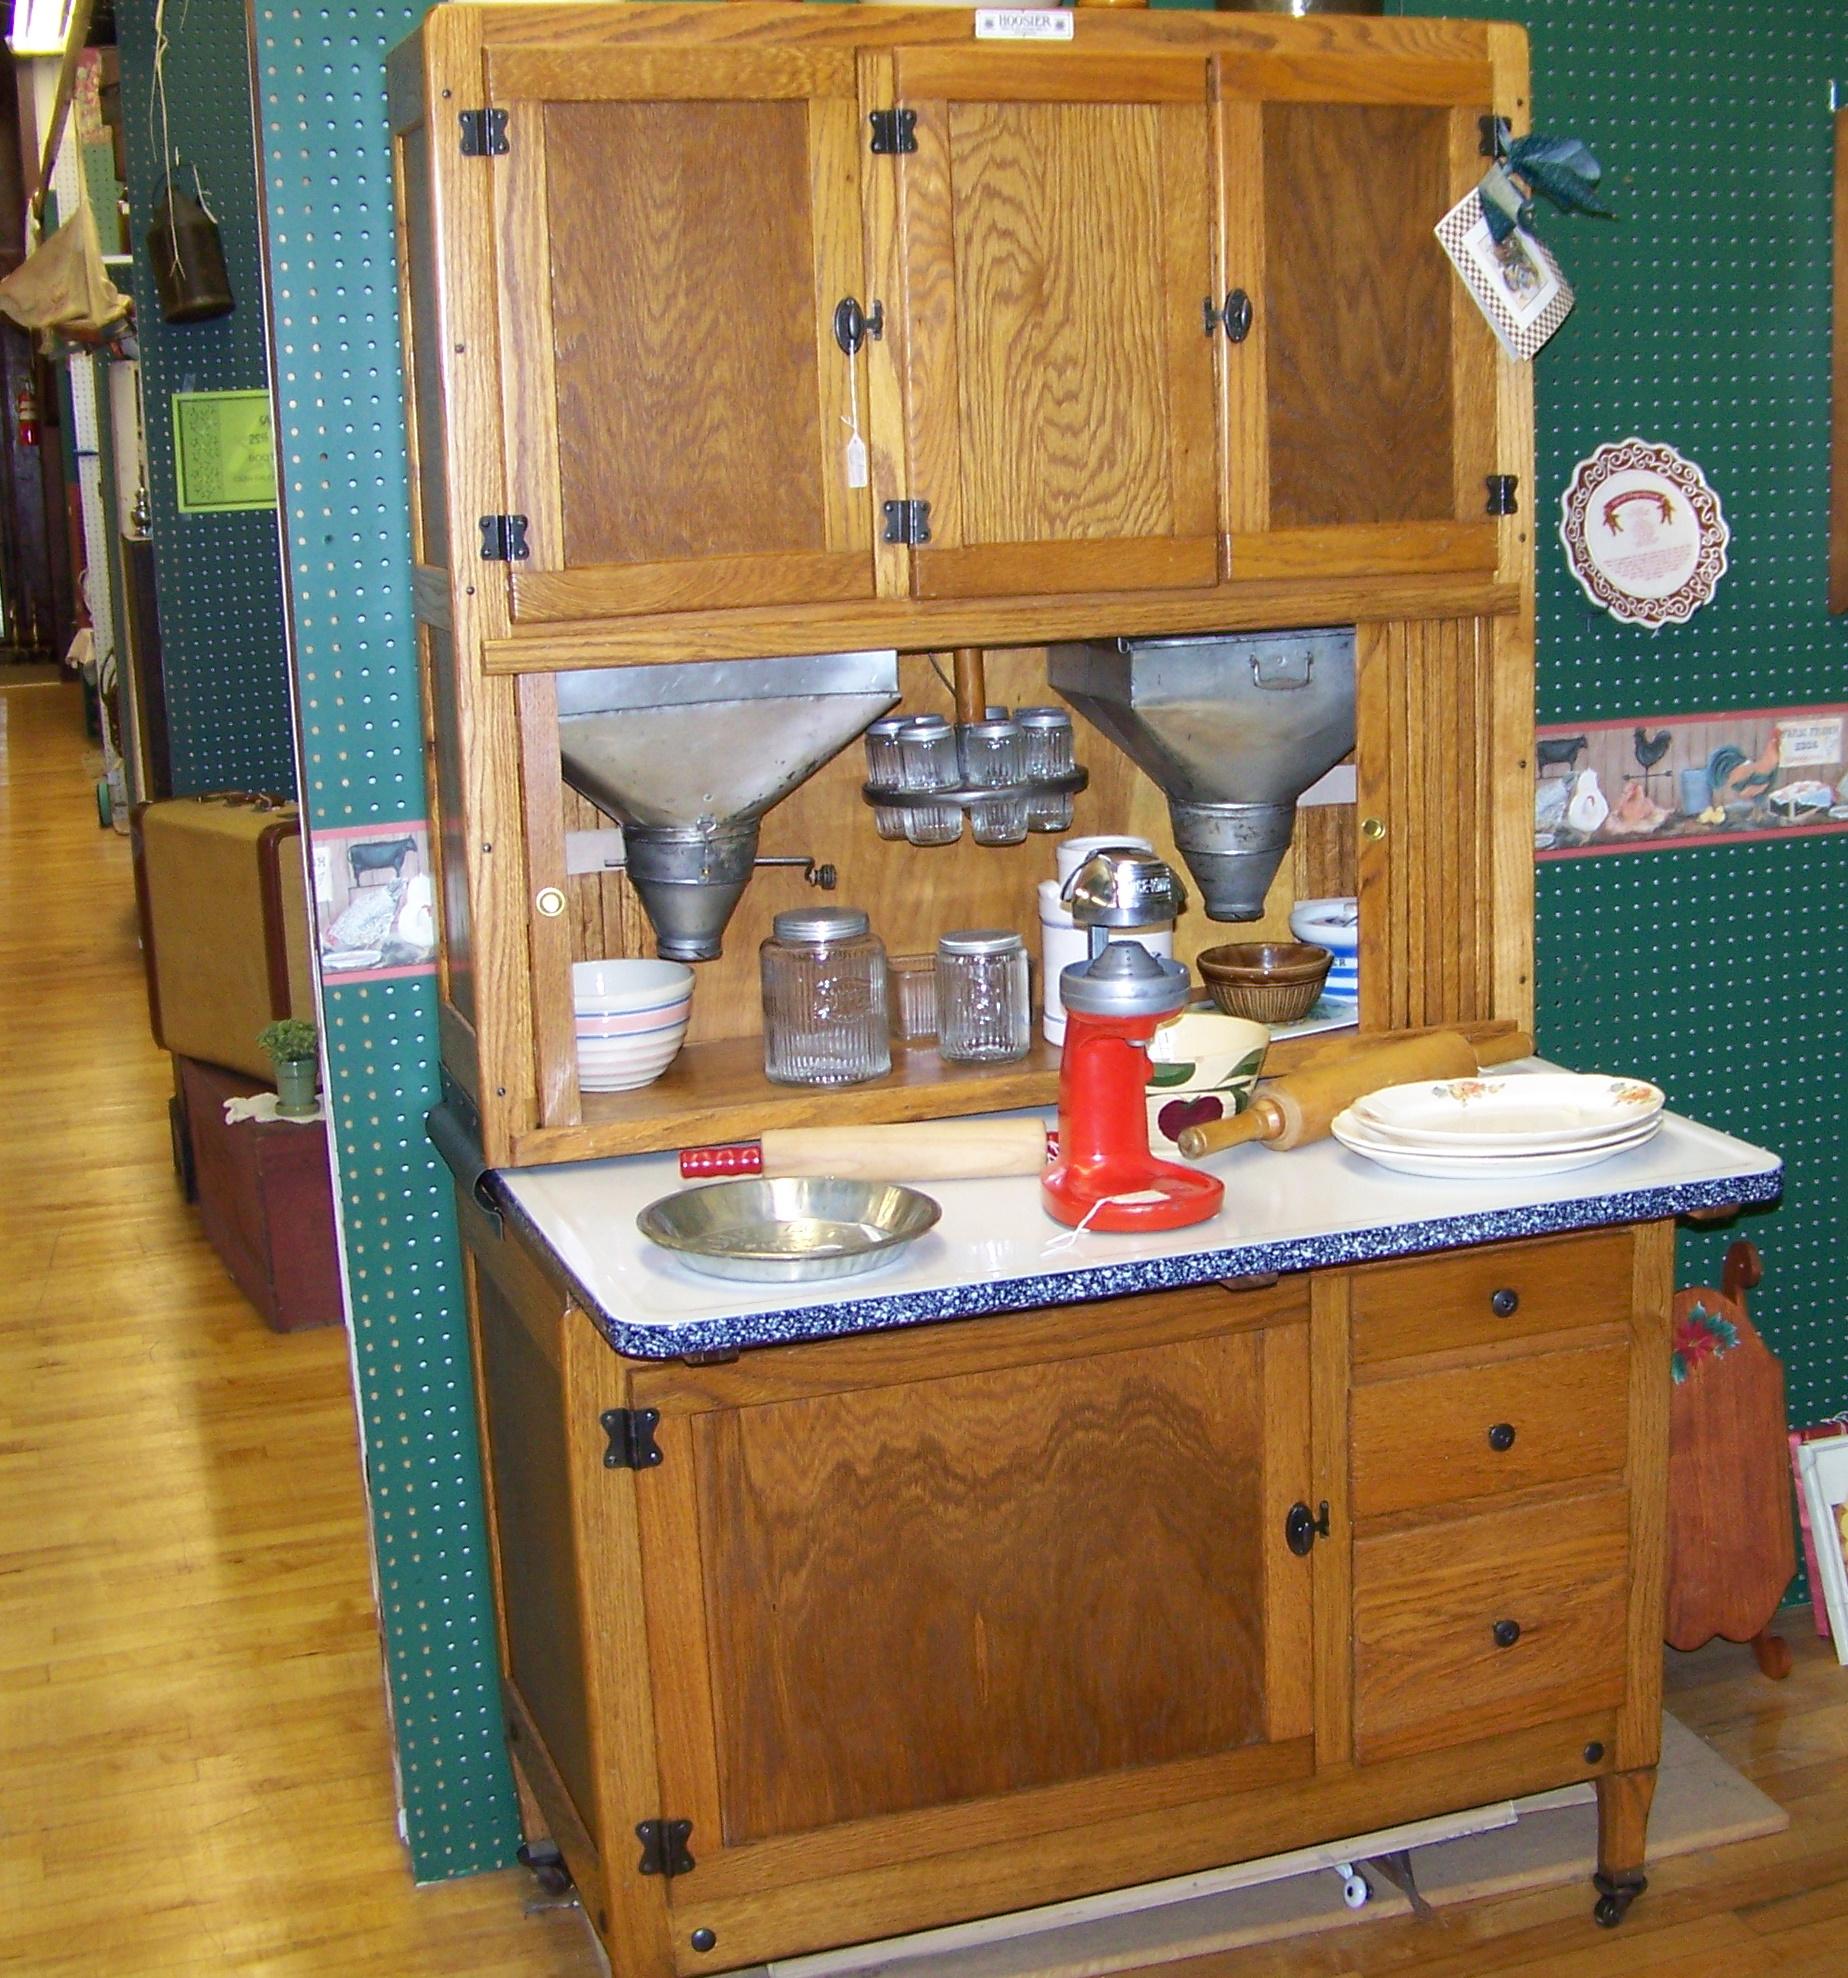 Hoosier Kitchen Cabinet: Photo Sharing